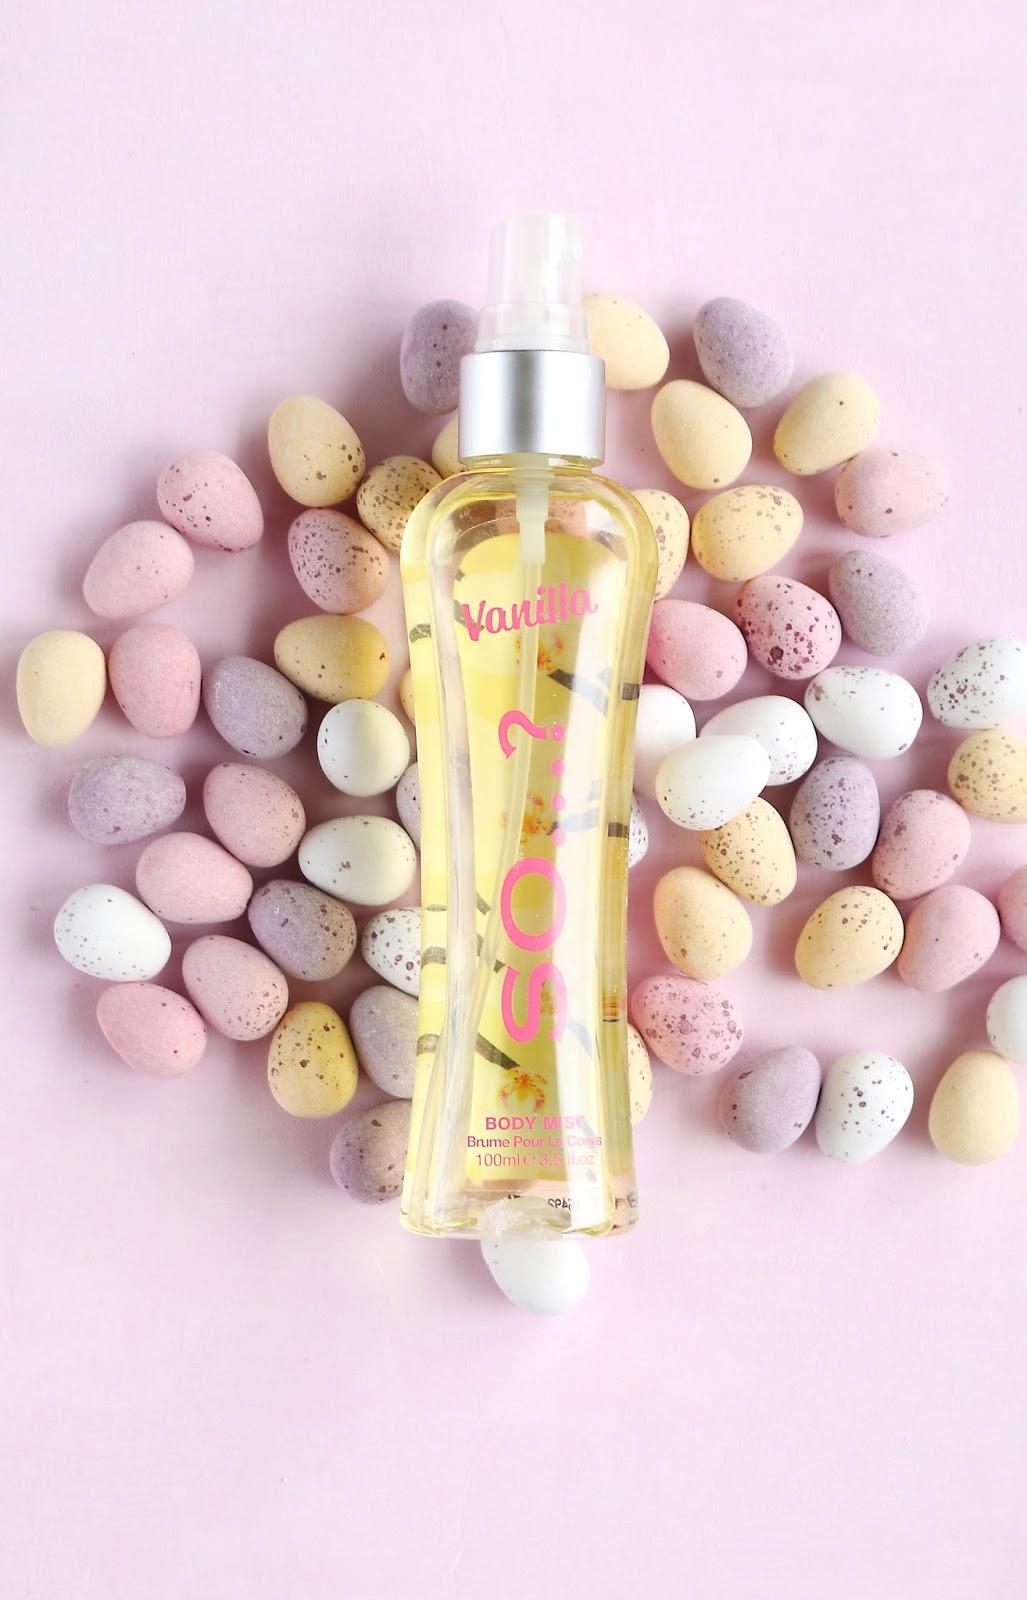 Beauty, Drugstore, Easter, Mini Eggs, Mini Eggs smell, body spray that smells like Mini Eggs, So Fragrances body spray, Easter